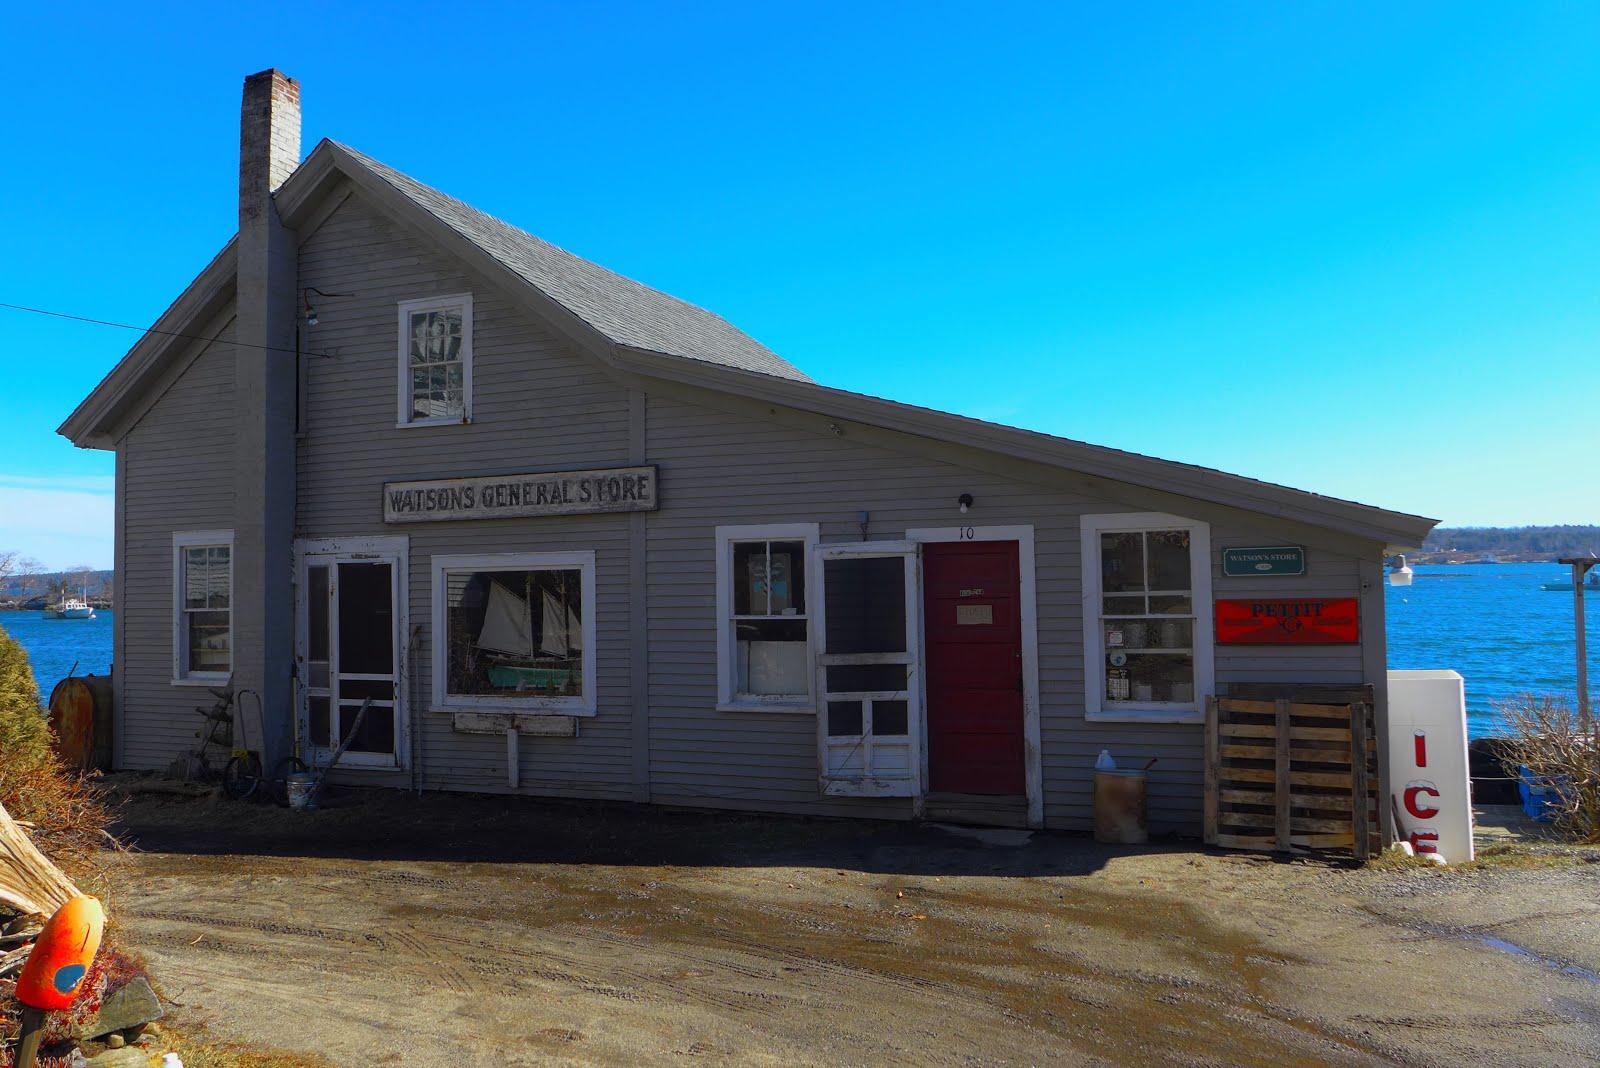 Watson's General Store; Harpswell, Maine